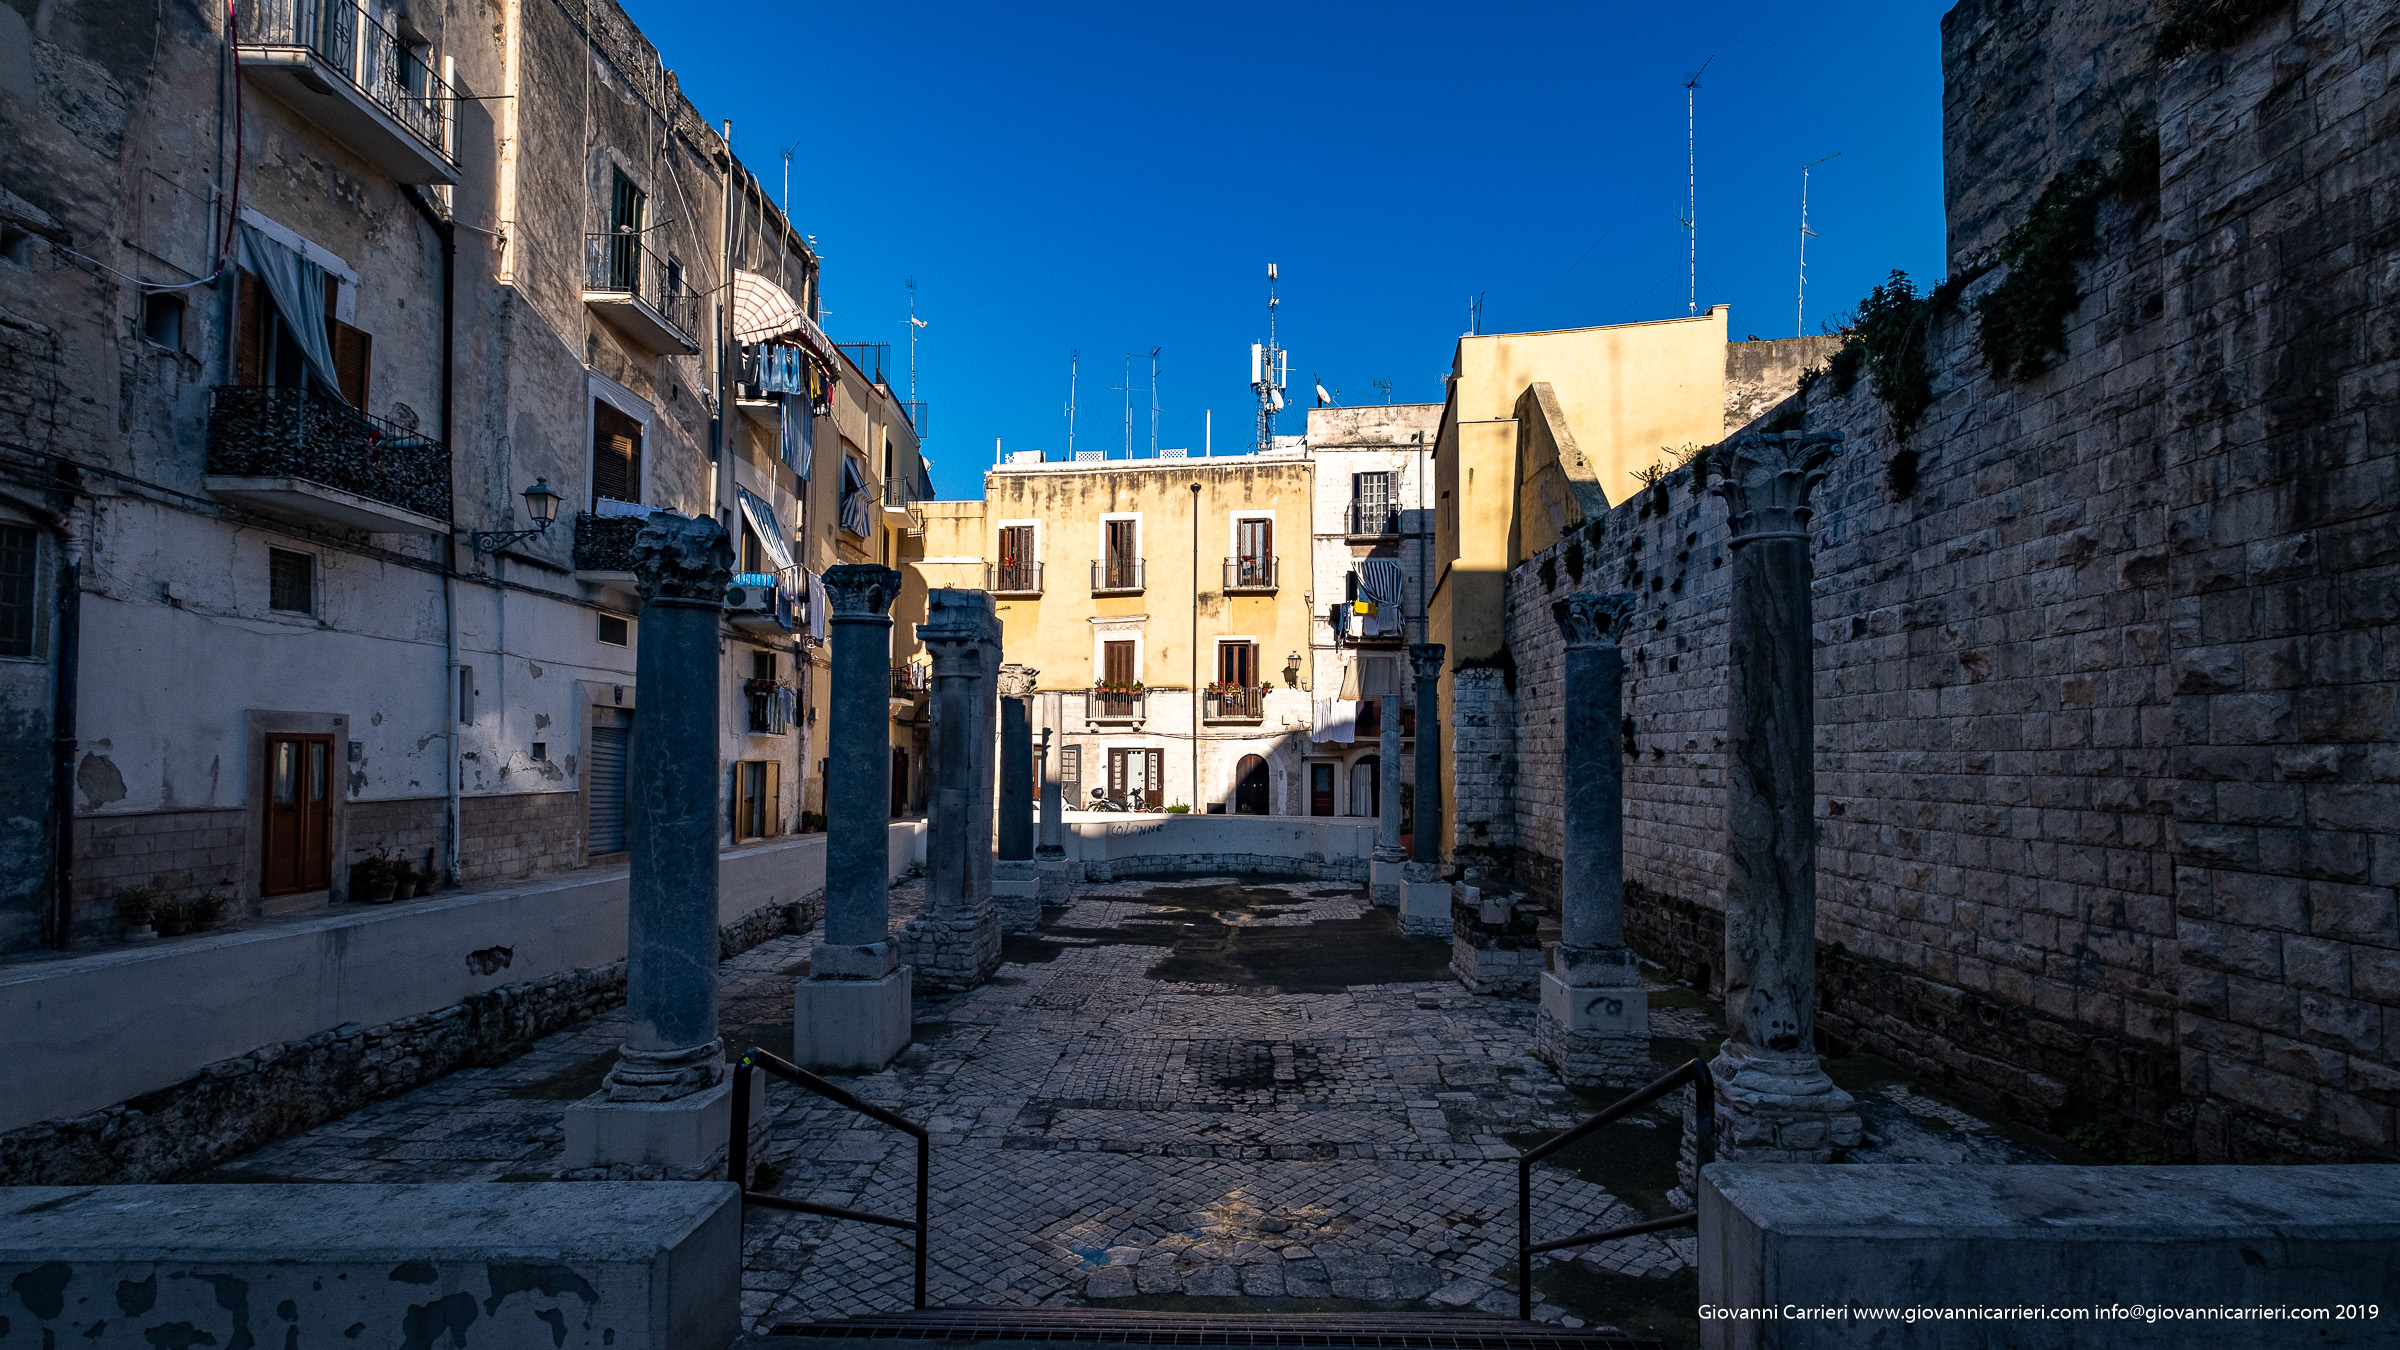 Piazza di Santa Maria del Buonconsiglio e Strada Santa Scolastica